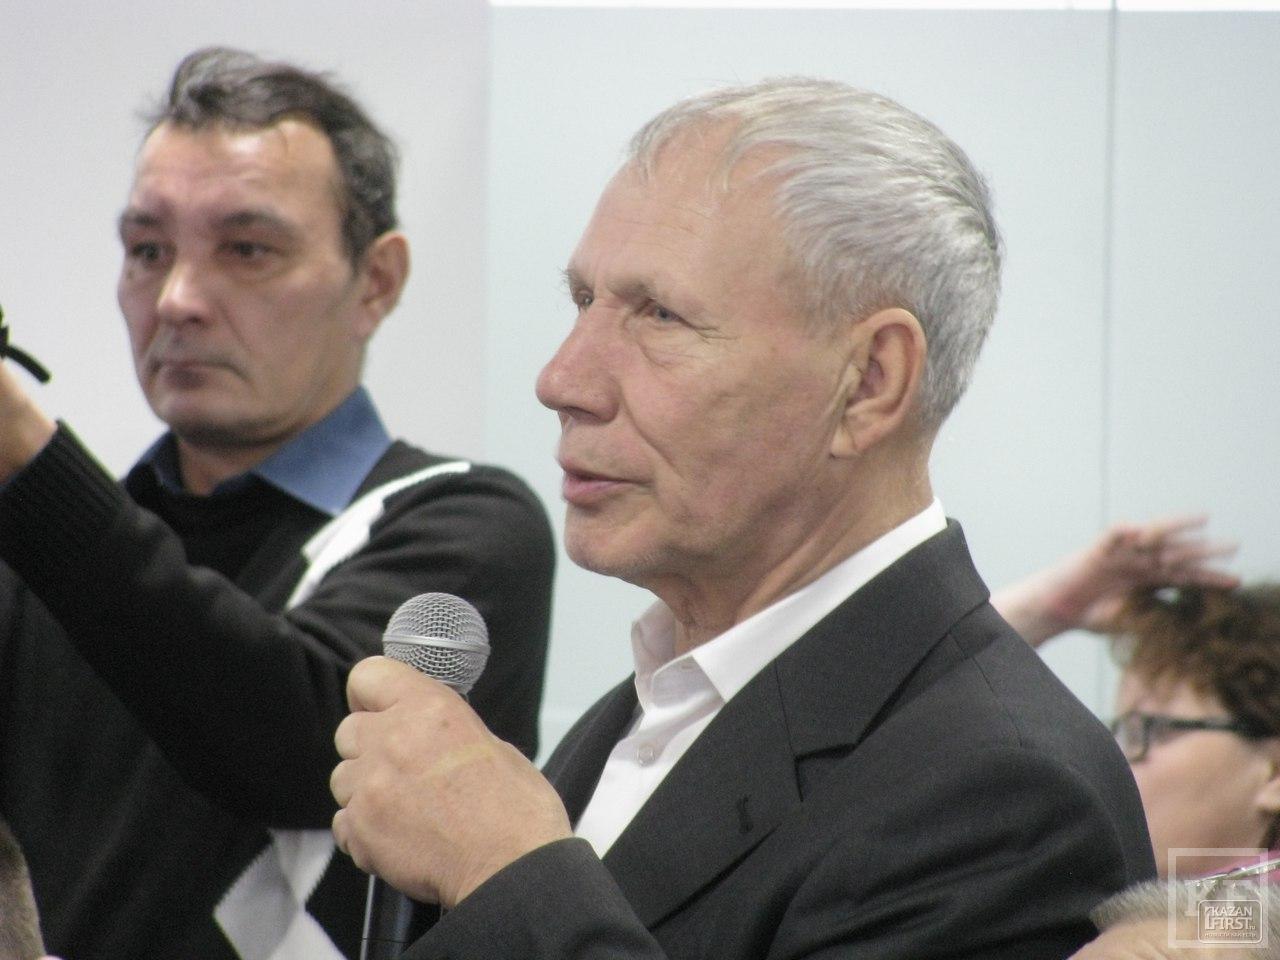 Срок выдачи санитарно-гигиенических паспортов сократили в два раза прямо на встрече с руководителем Роспотребнадзора